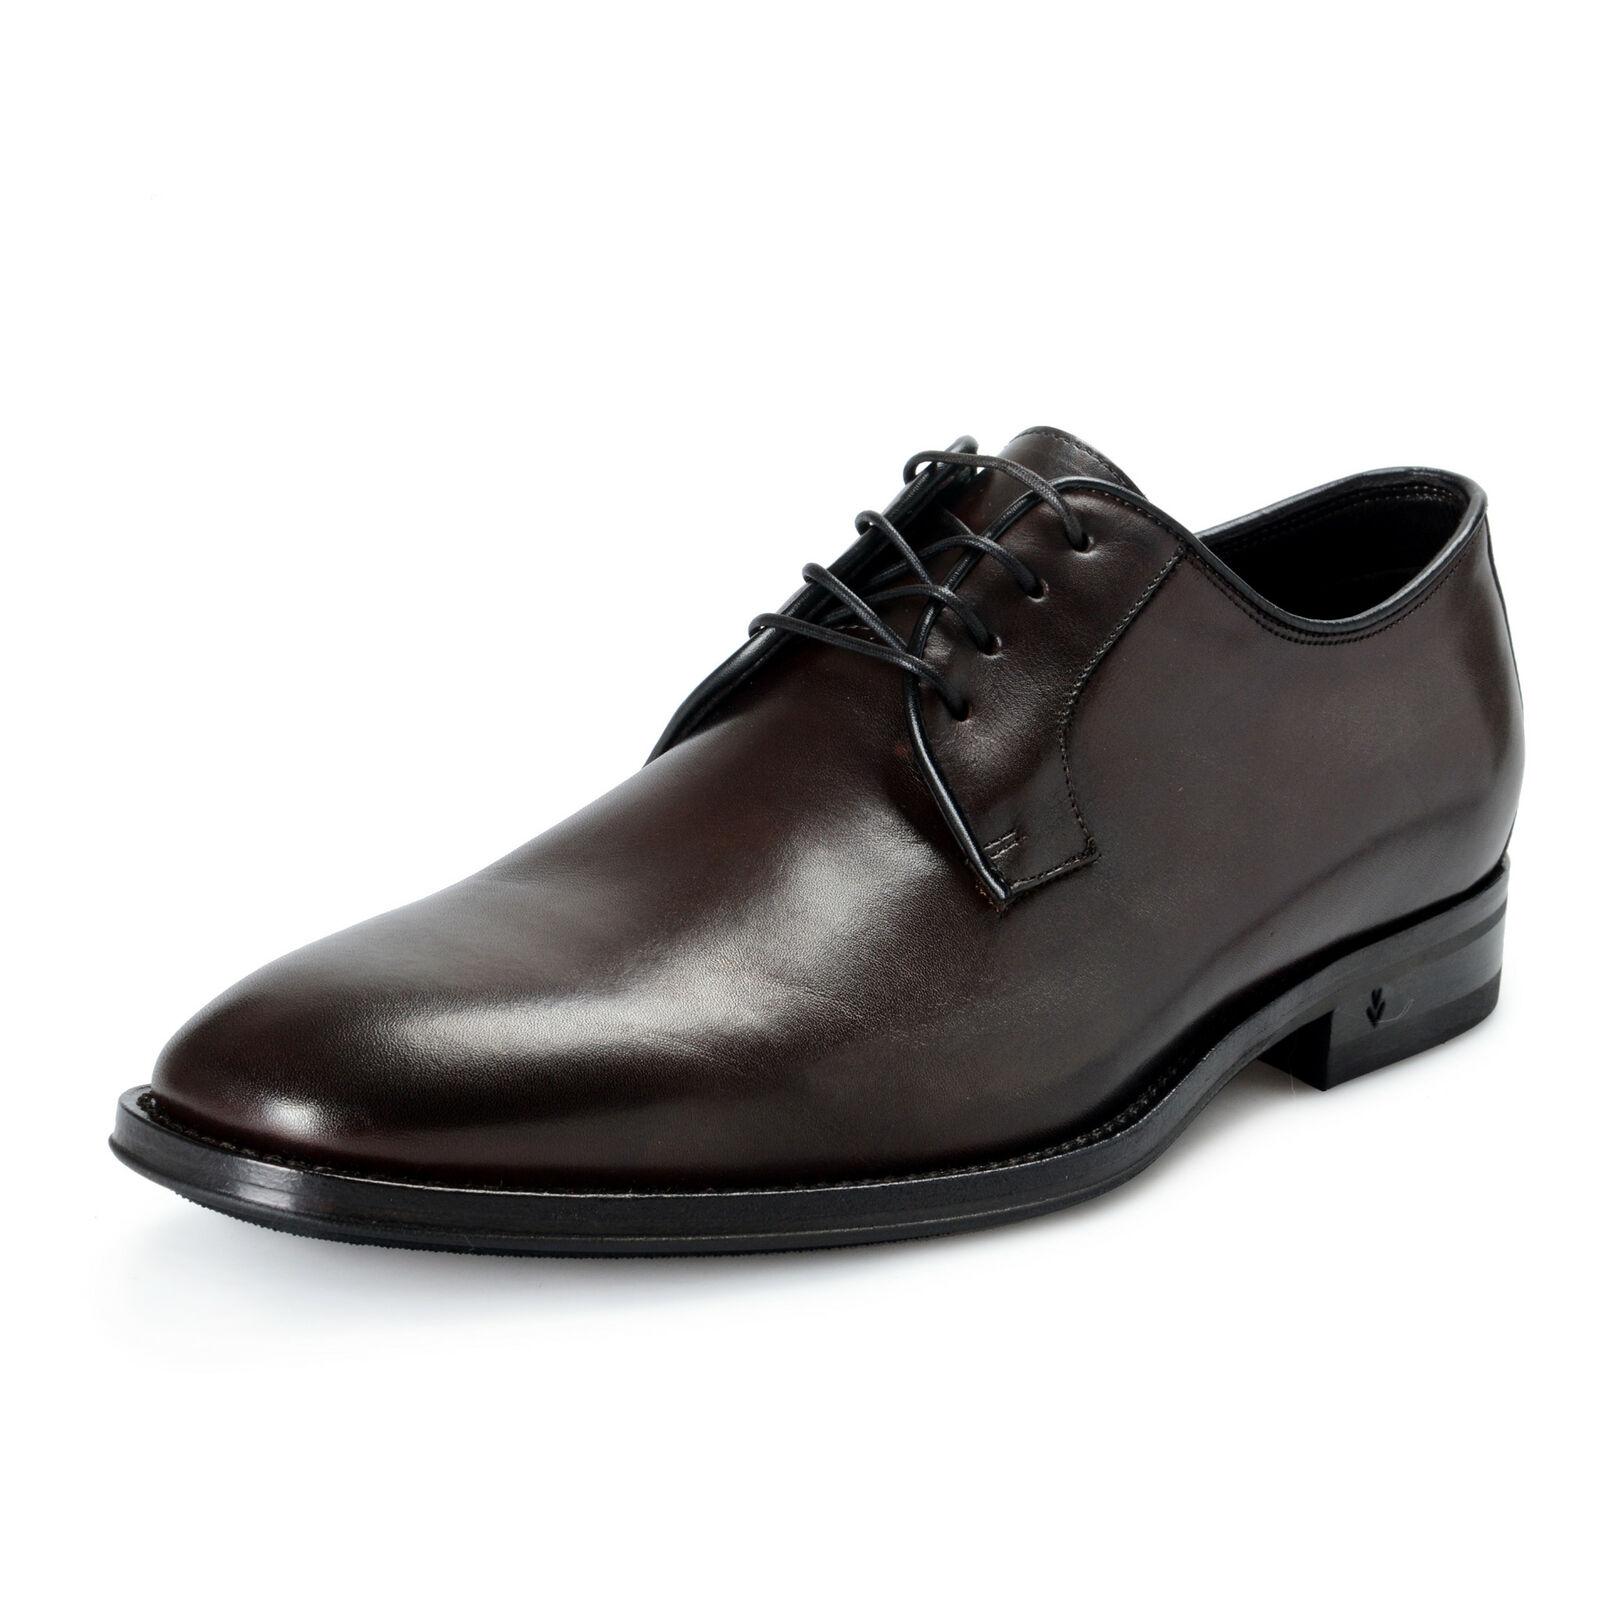 John Varvatos Herren Leder Reise Derby Oxford Schuh Kleid Schuhe US 8.5 It 41.5